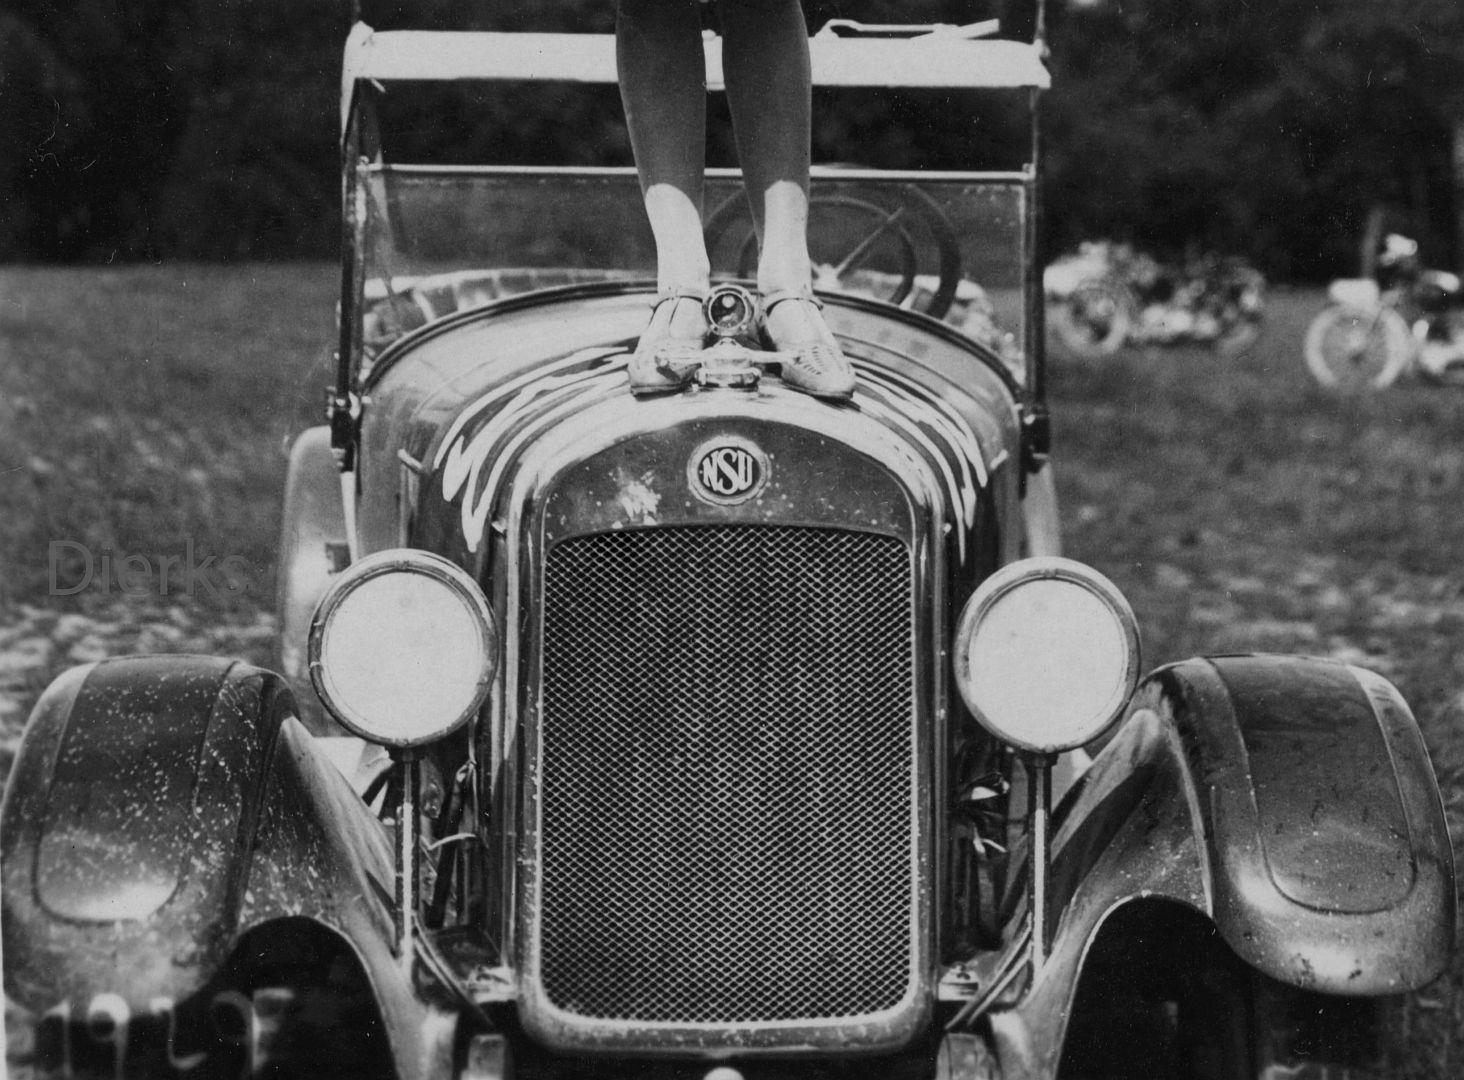 NSU_5-25_PS_1926_Dierks_Ausschnitt1